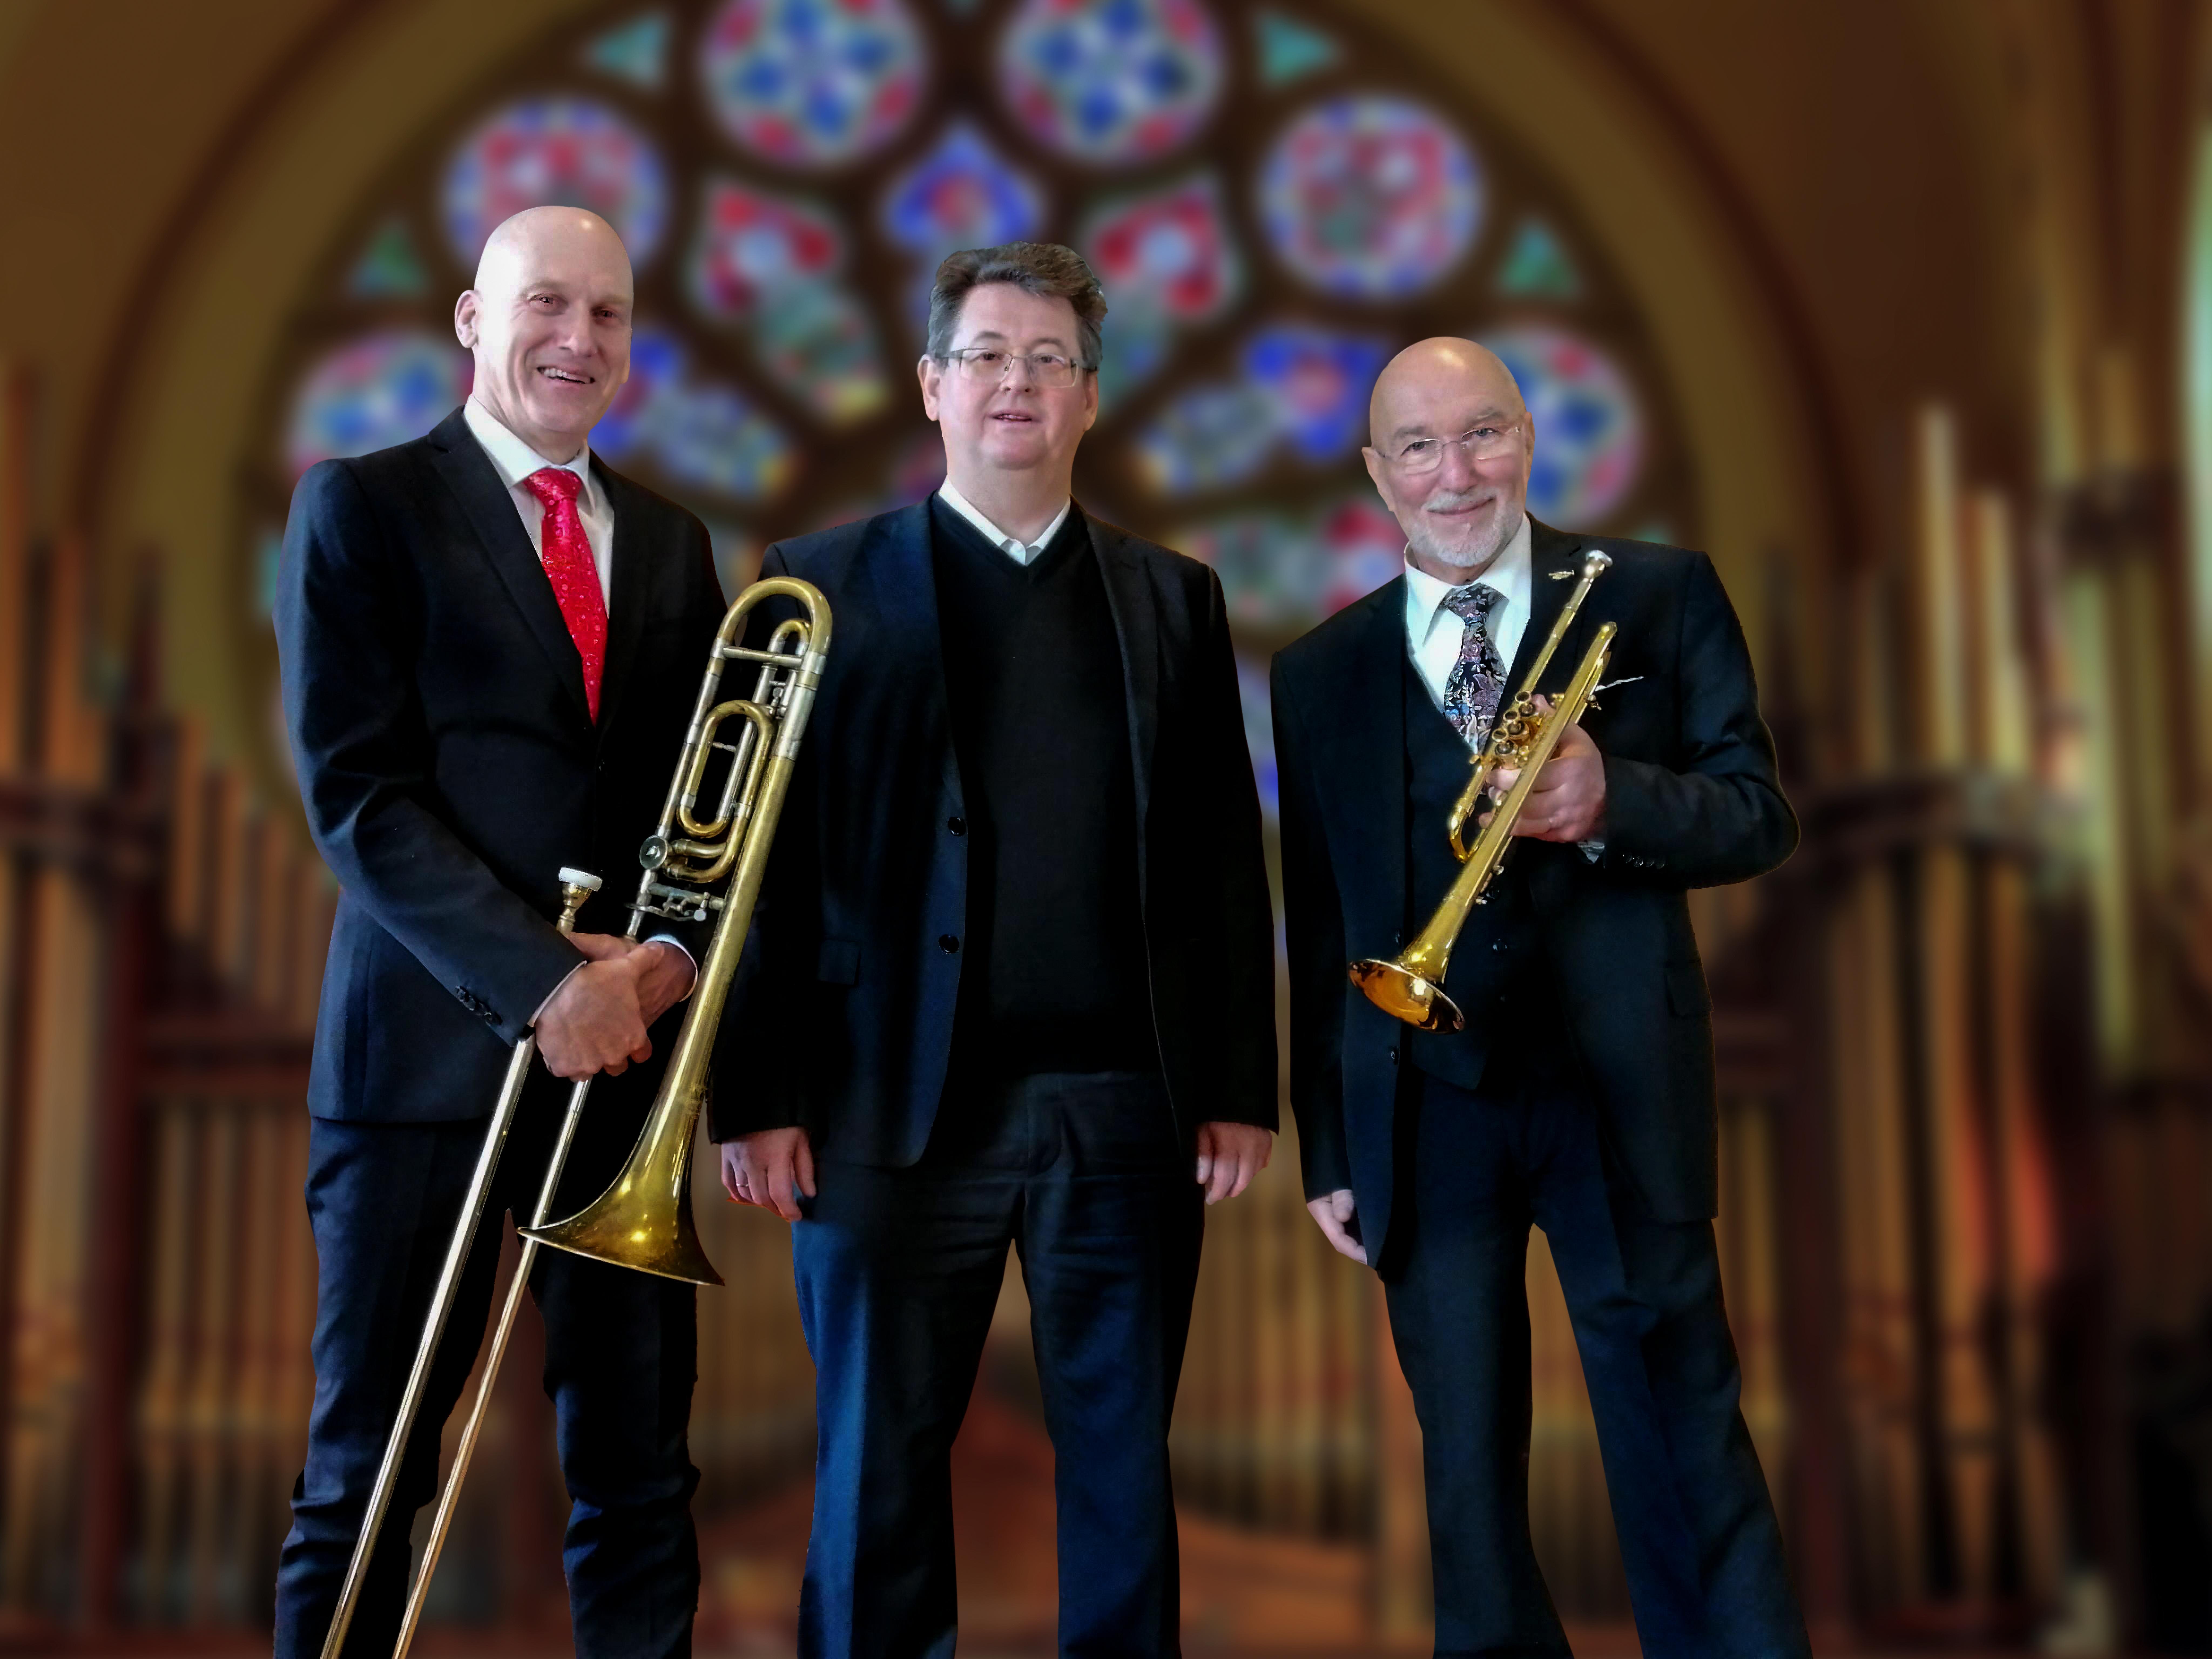 Claude Rippas, Trompete, Flügelhorn und Diskanthorn John Loretan, Posaune und Alphorn / Dieter Hubov, Orgel